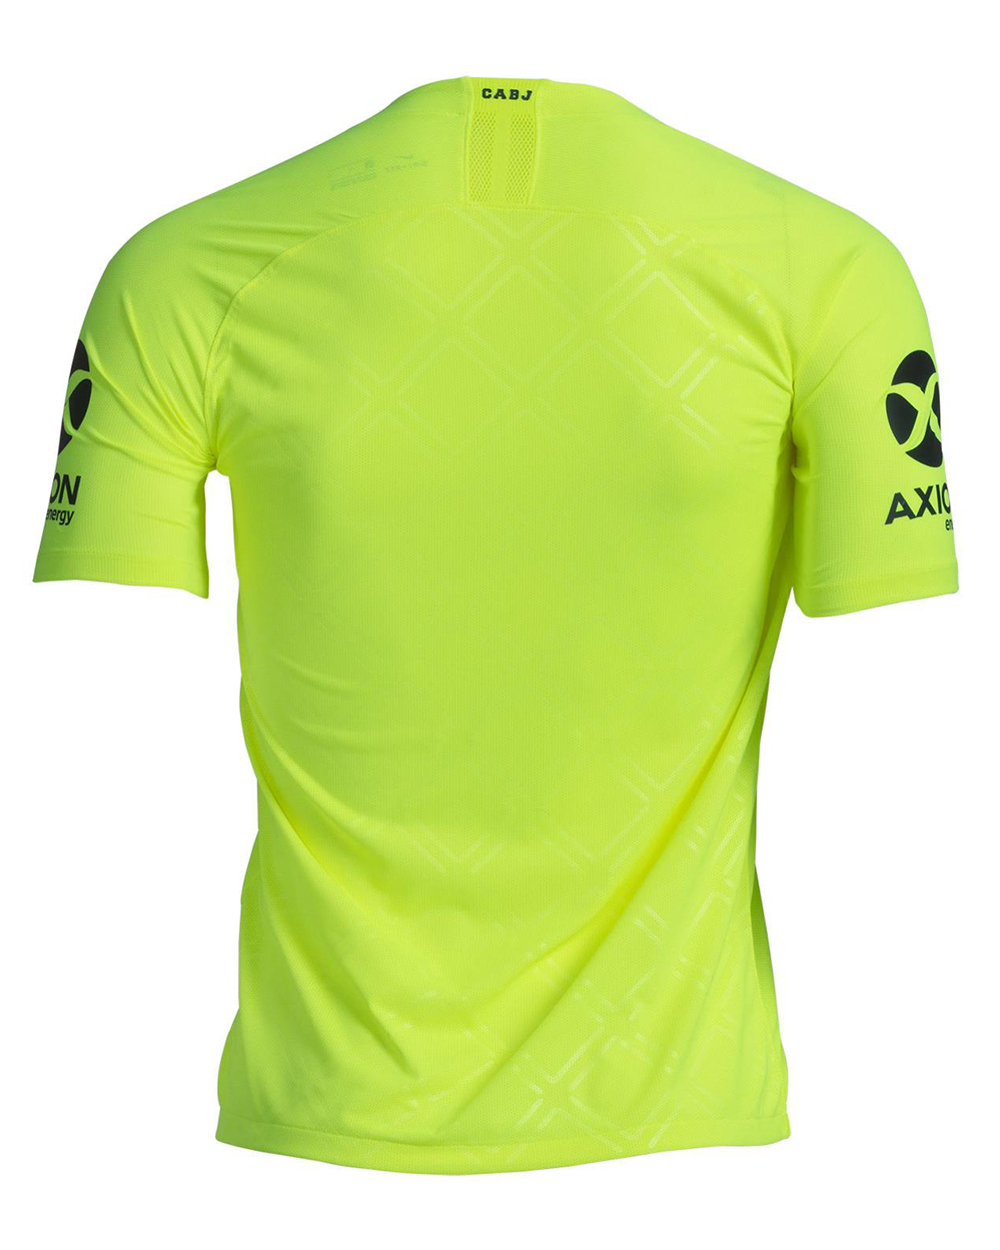 La nueva flúo cuesta  2899 o  2499 pesos de acuerdo a si se trata de la  camiseta de juego o para hinchas. d43a7d4e285a8